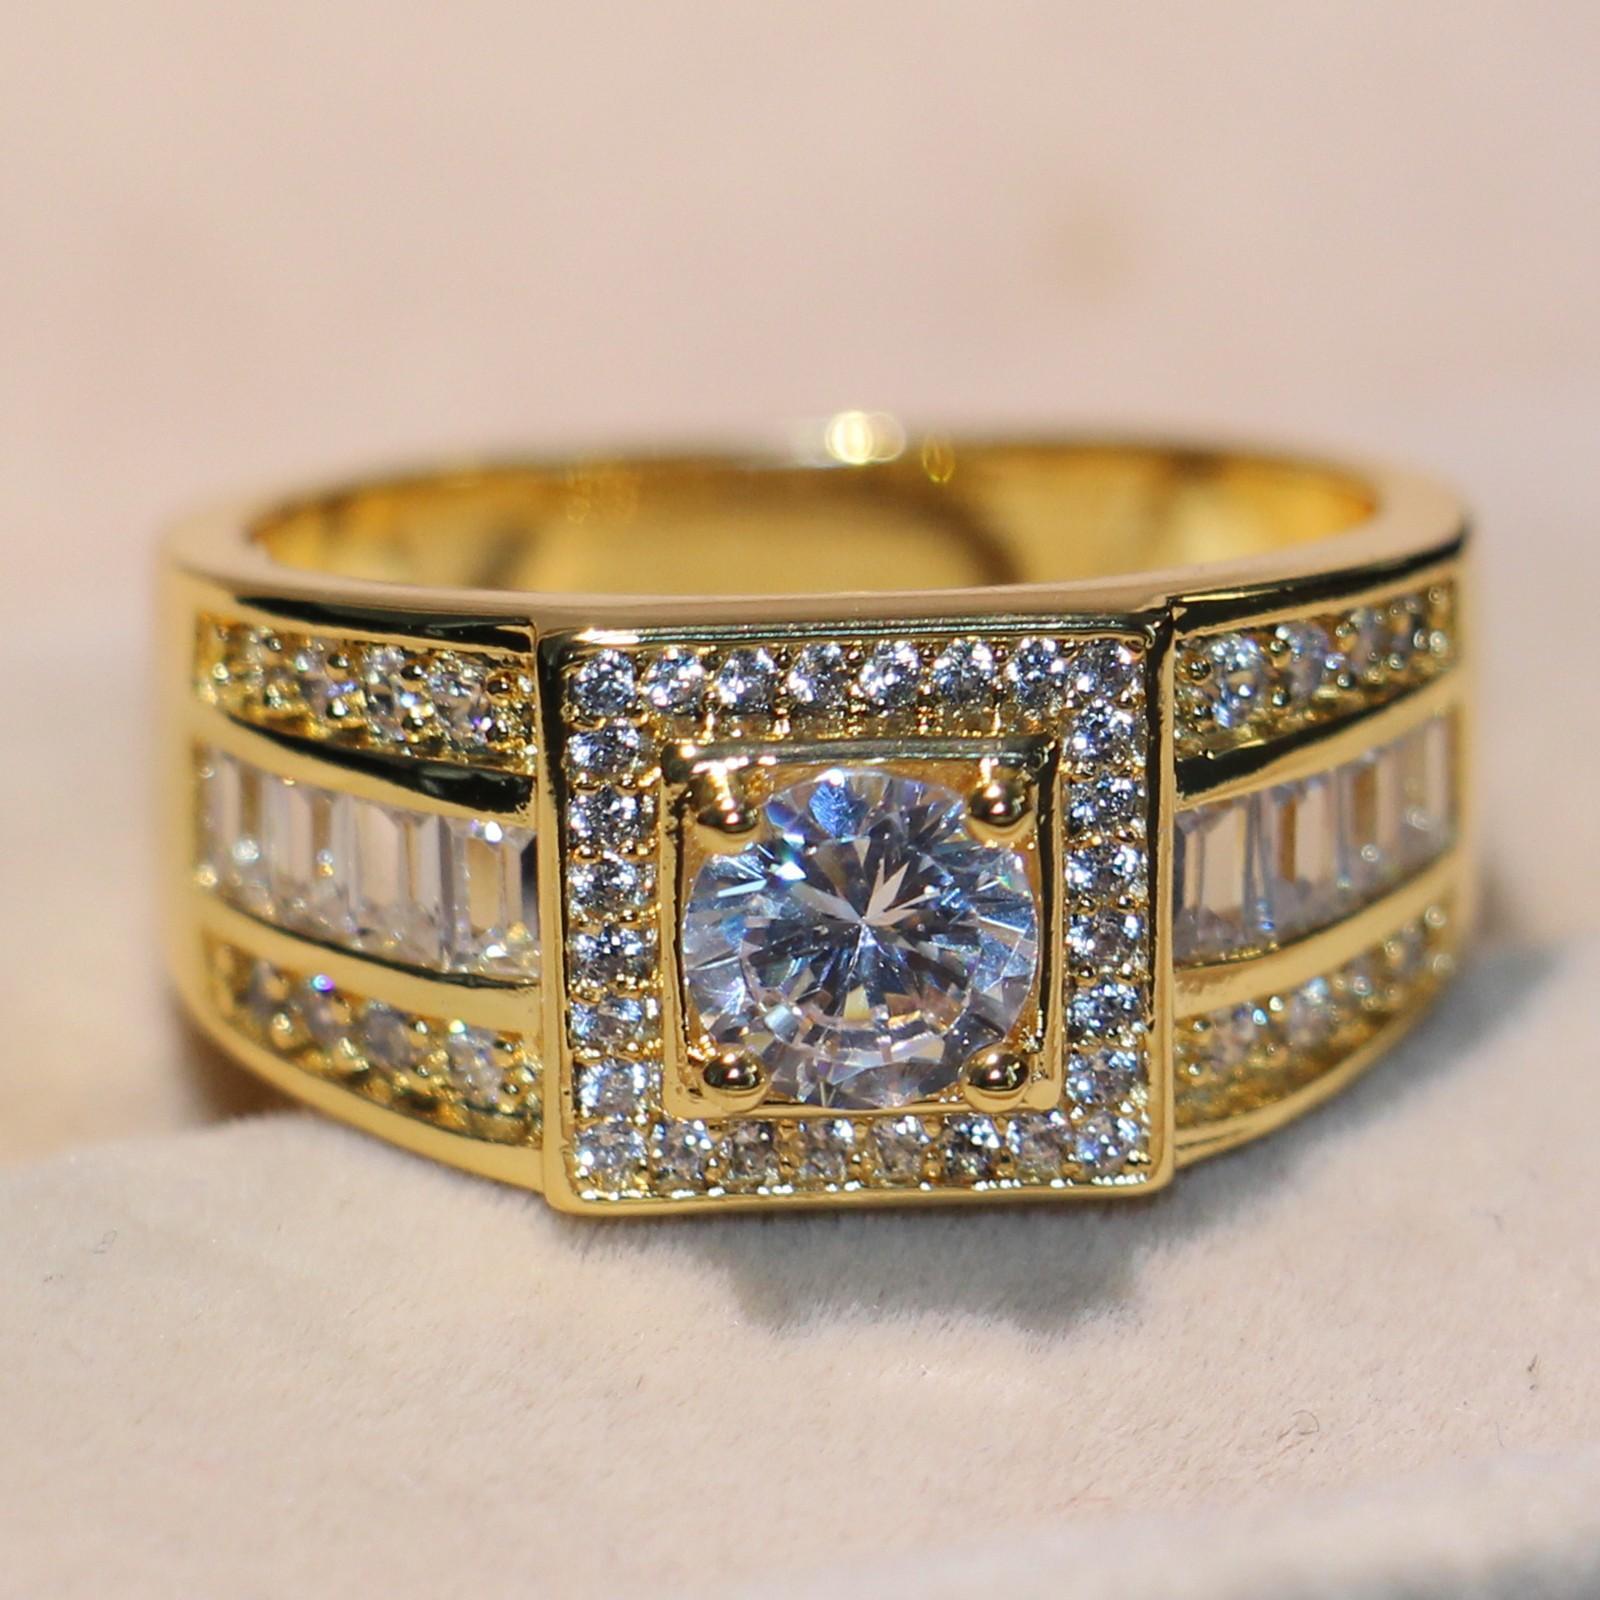 Stunning gioielli di lusso fatti a mano originale 10KT oro giallo riempito rotondo bianco topazio diamante della cz pietre preziose uomini wedding band anello per gli amanti